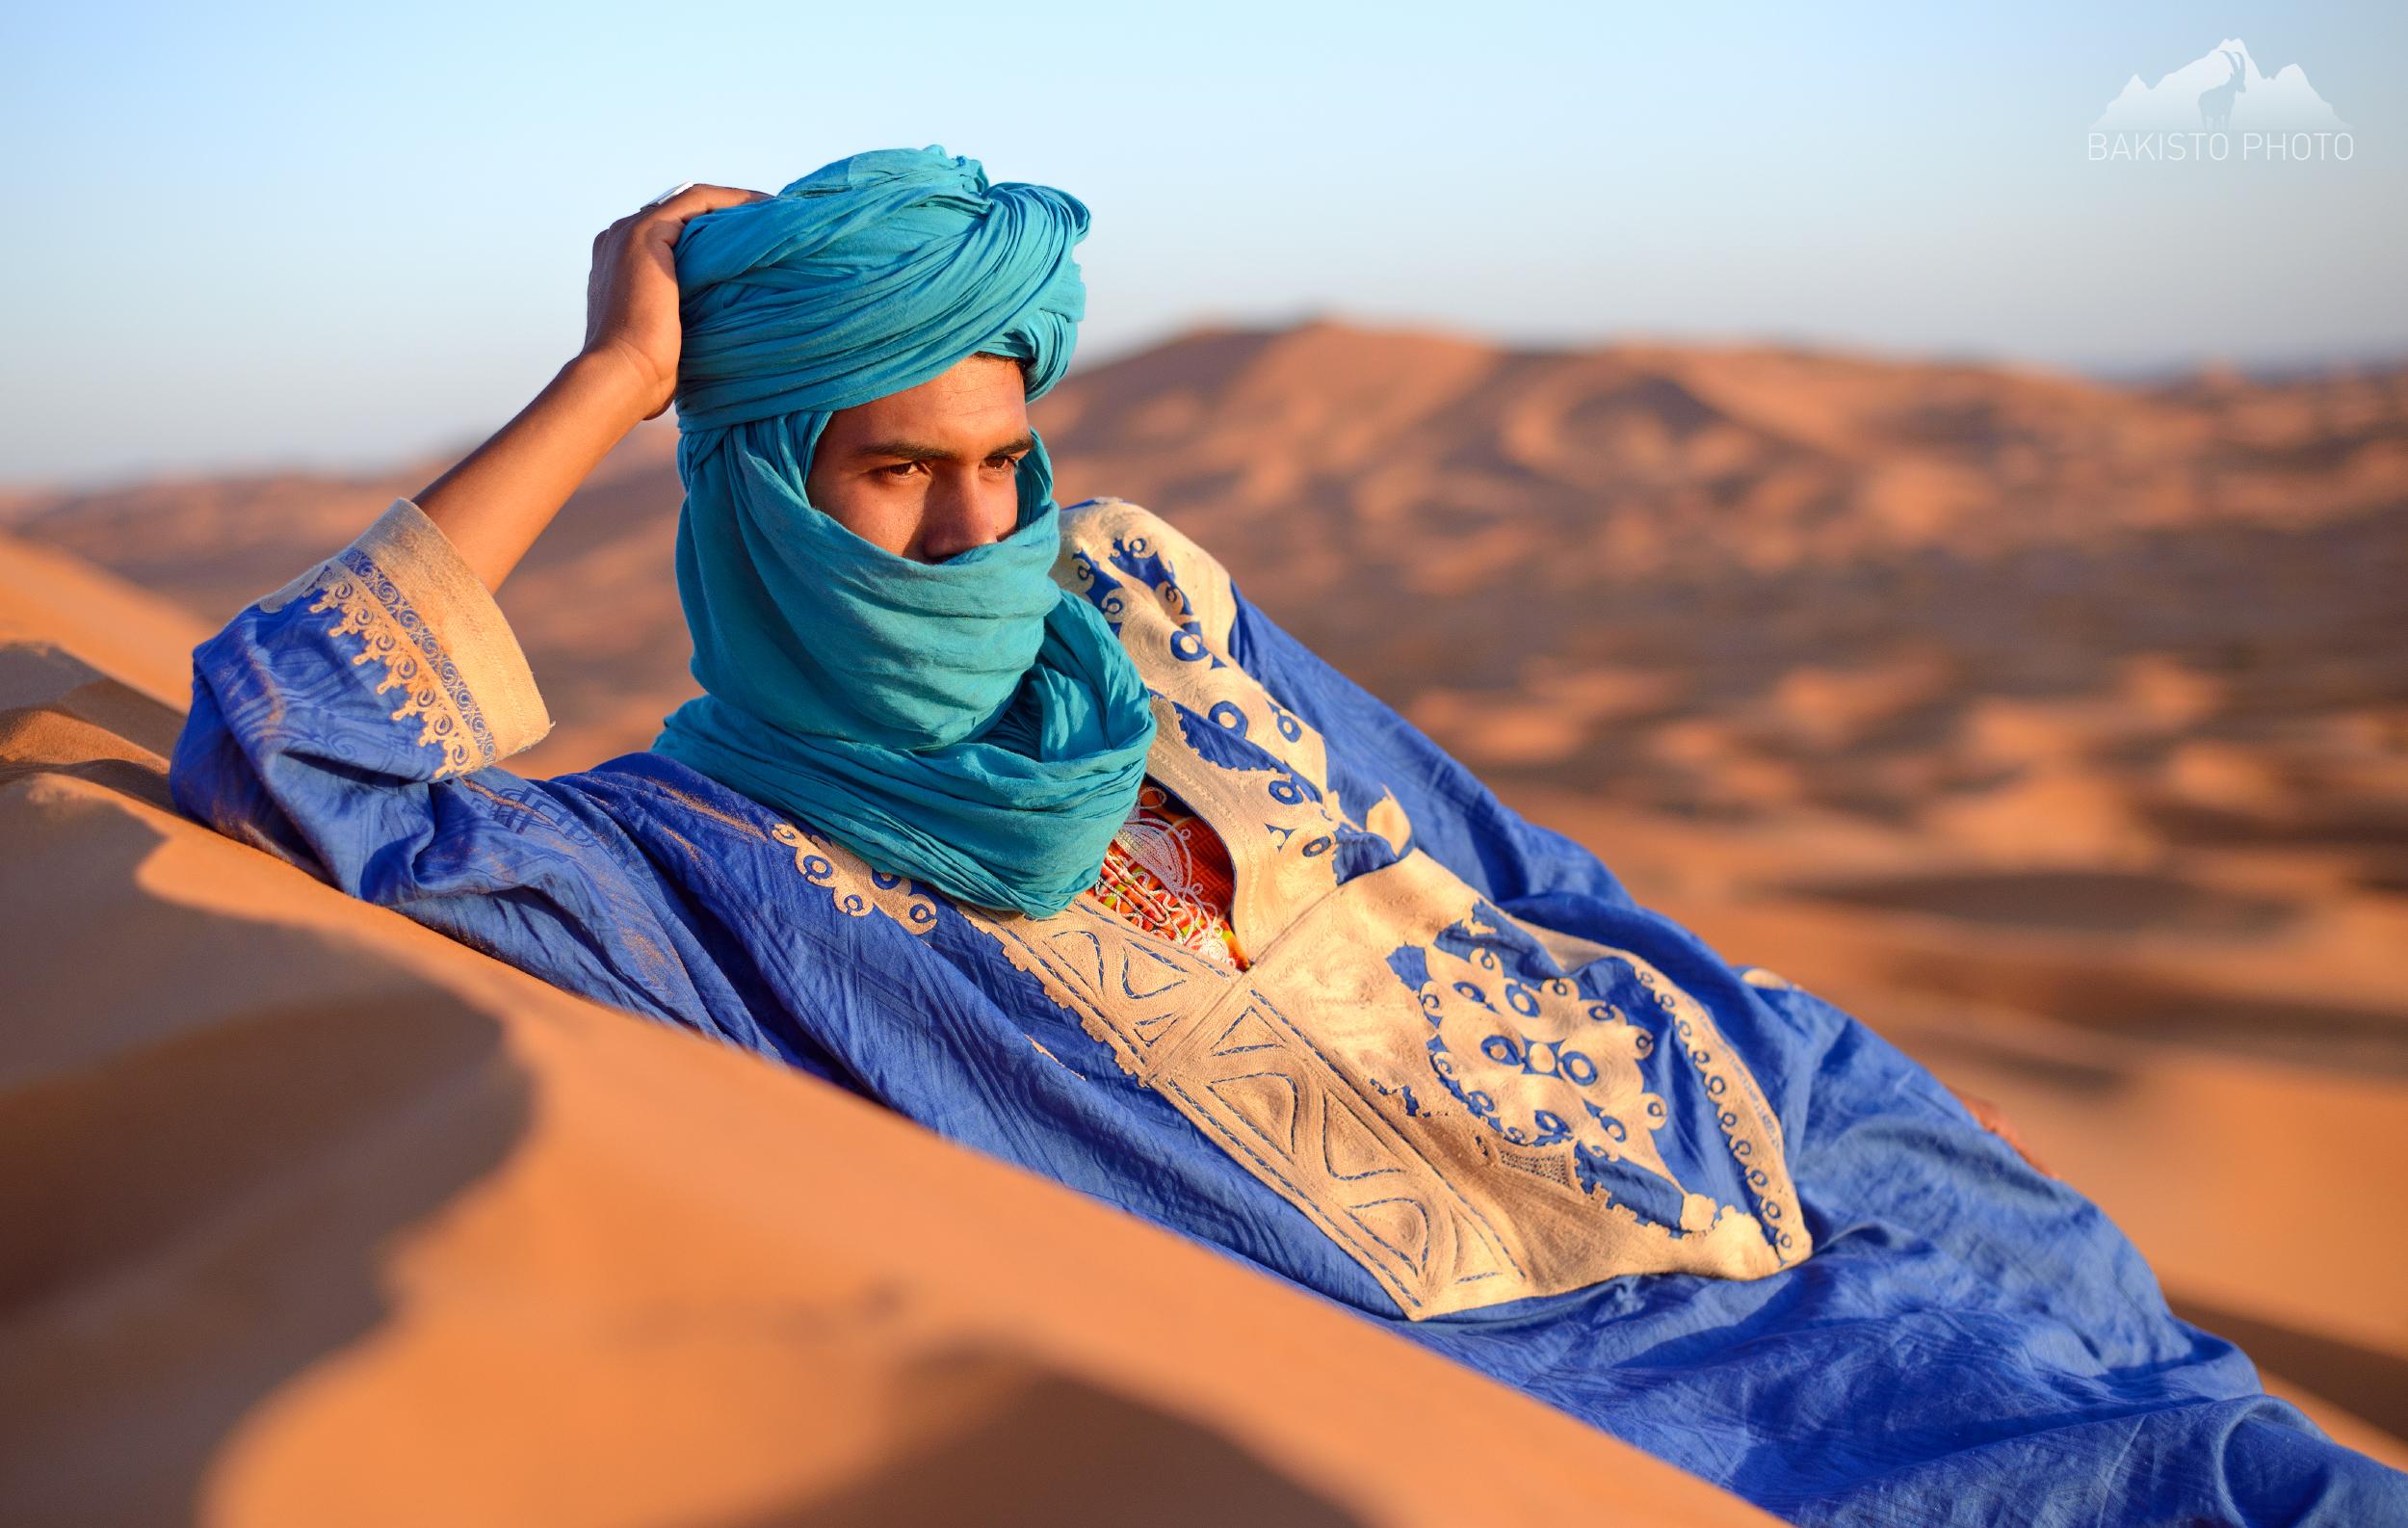 _MAT1763_Saharan_berber2500WM.jpg